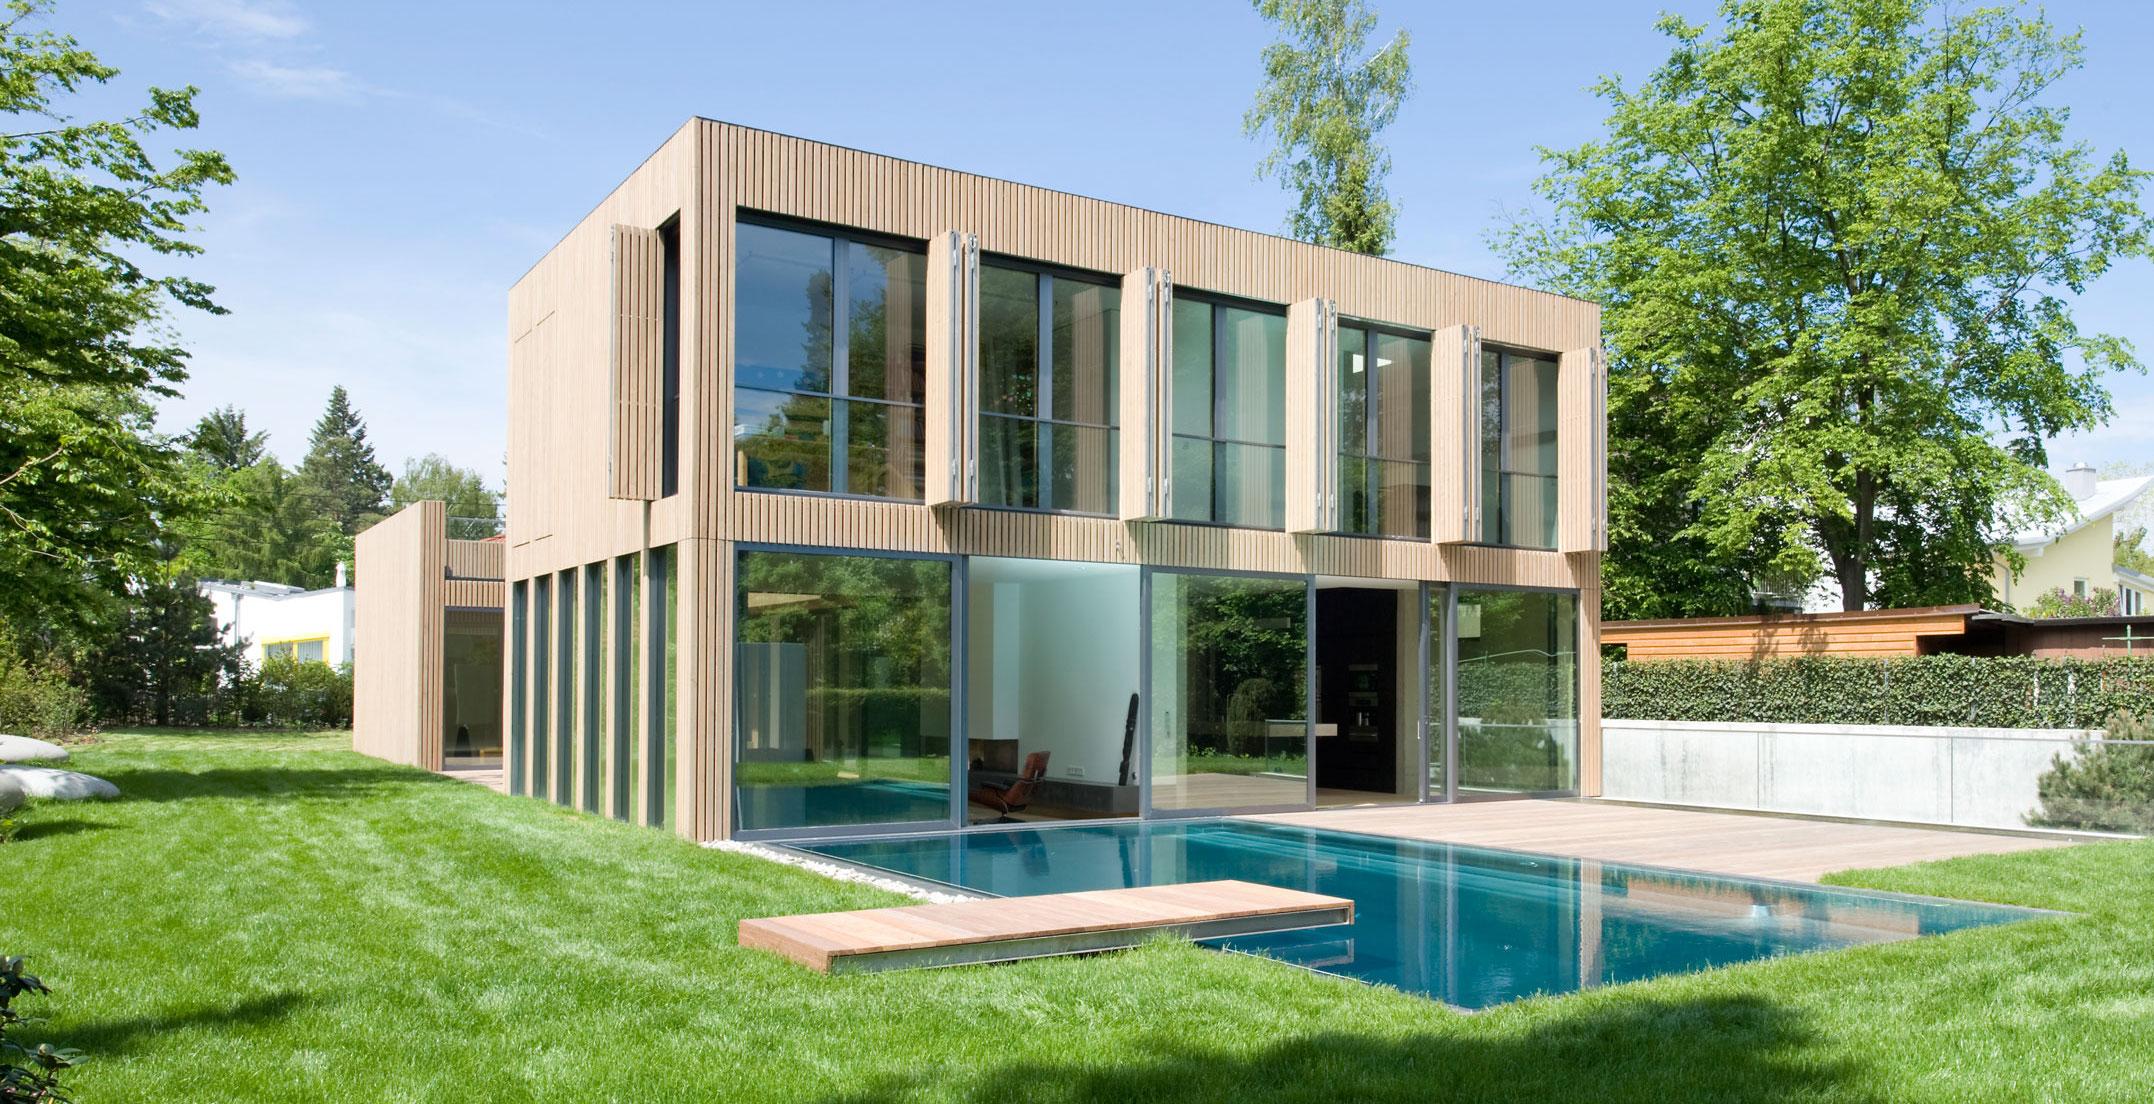 lynx architecture in München